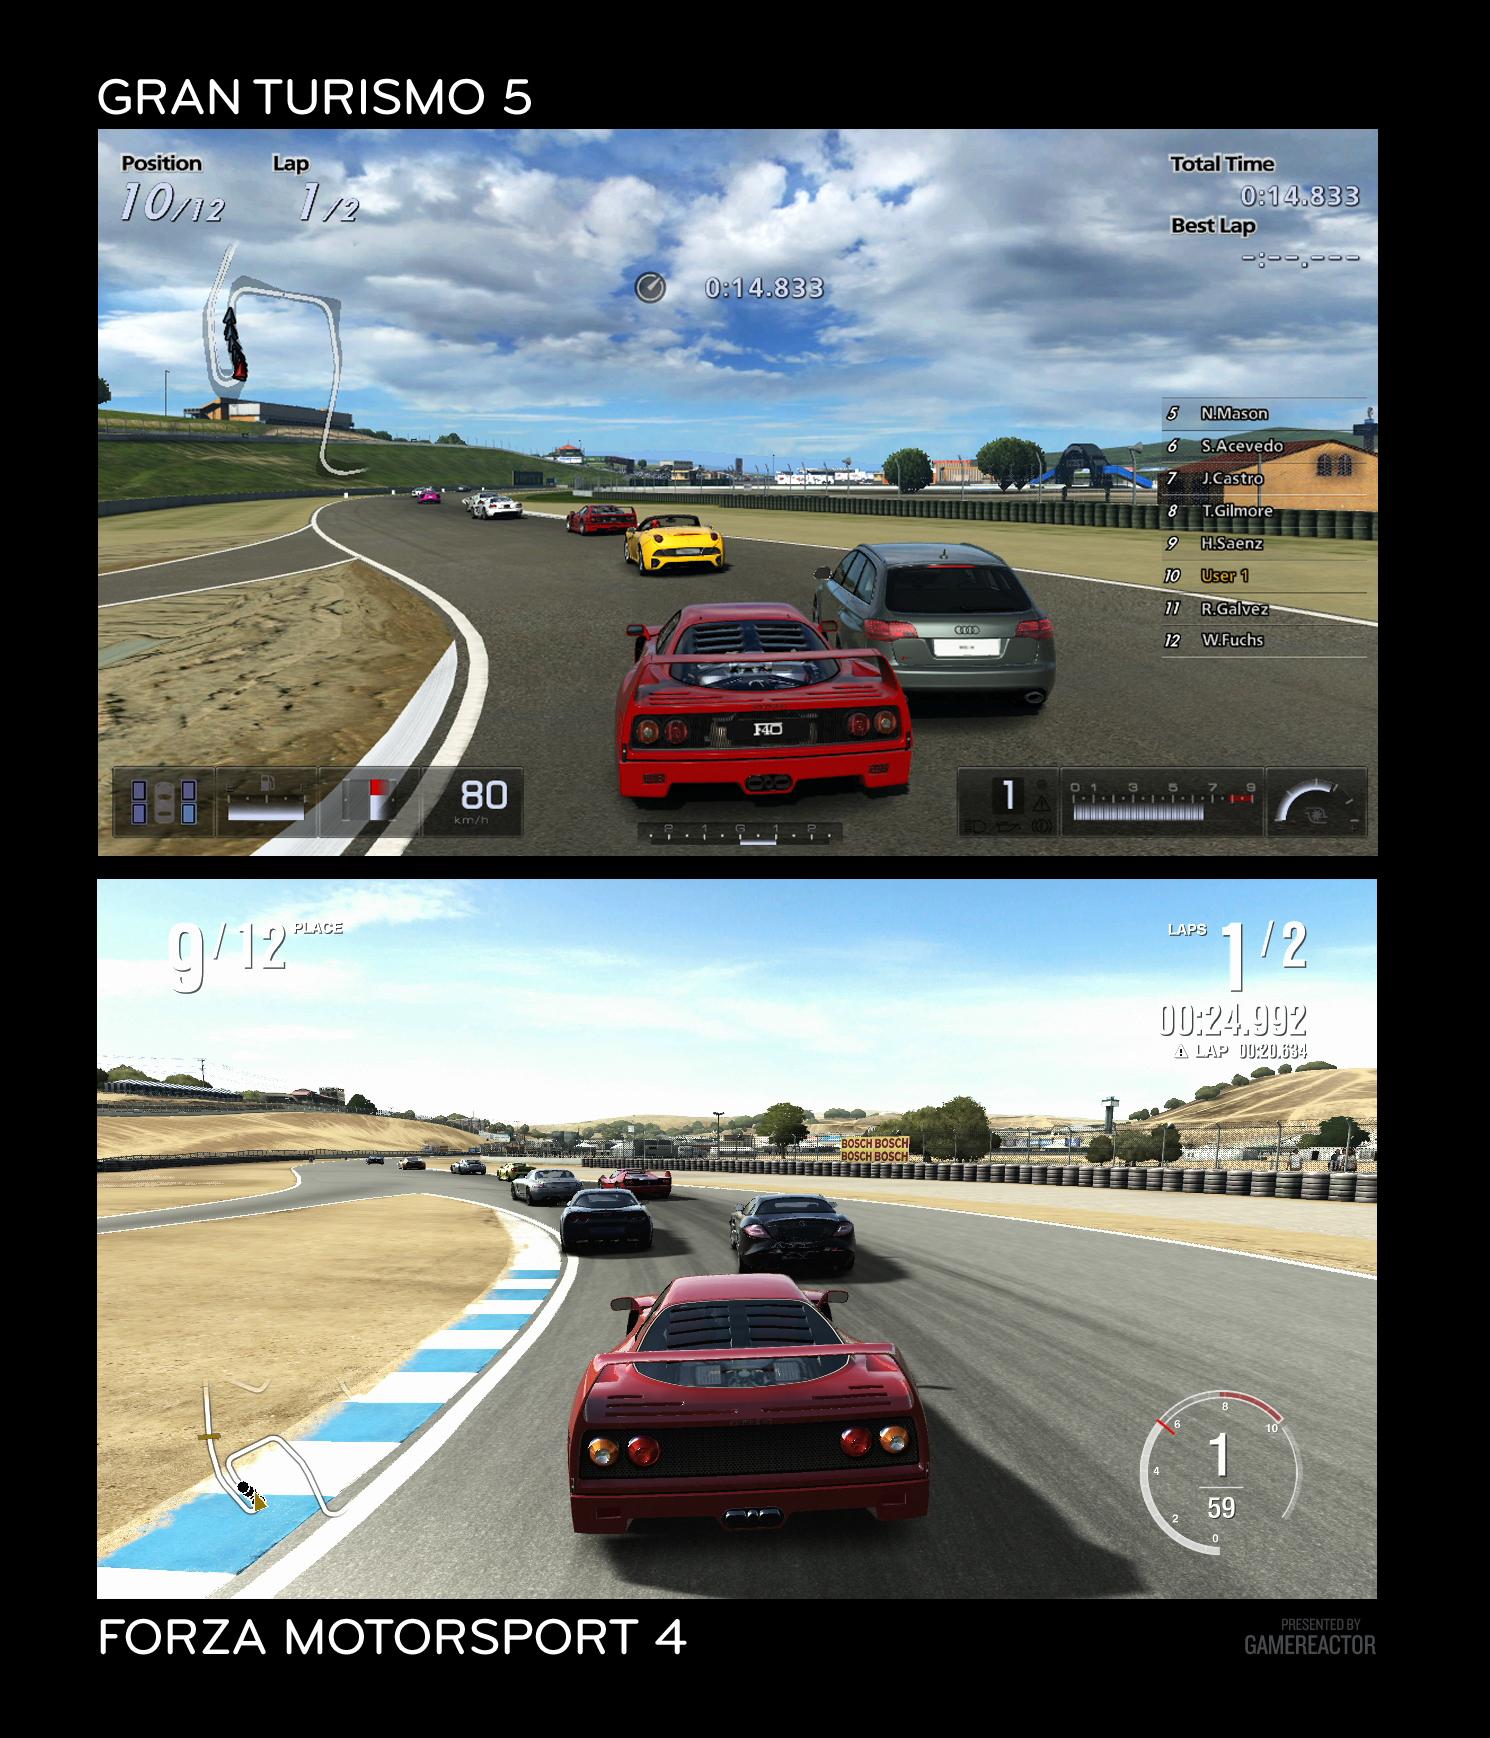 Pictures of Forza 4 vs Gran Turismo 5 4/7